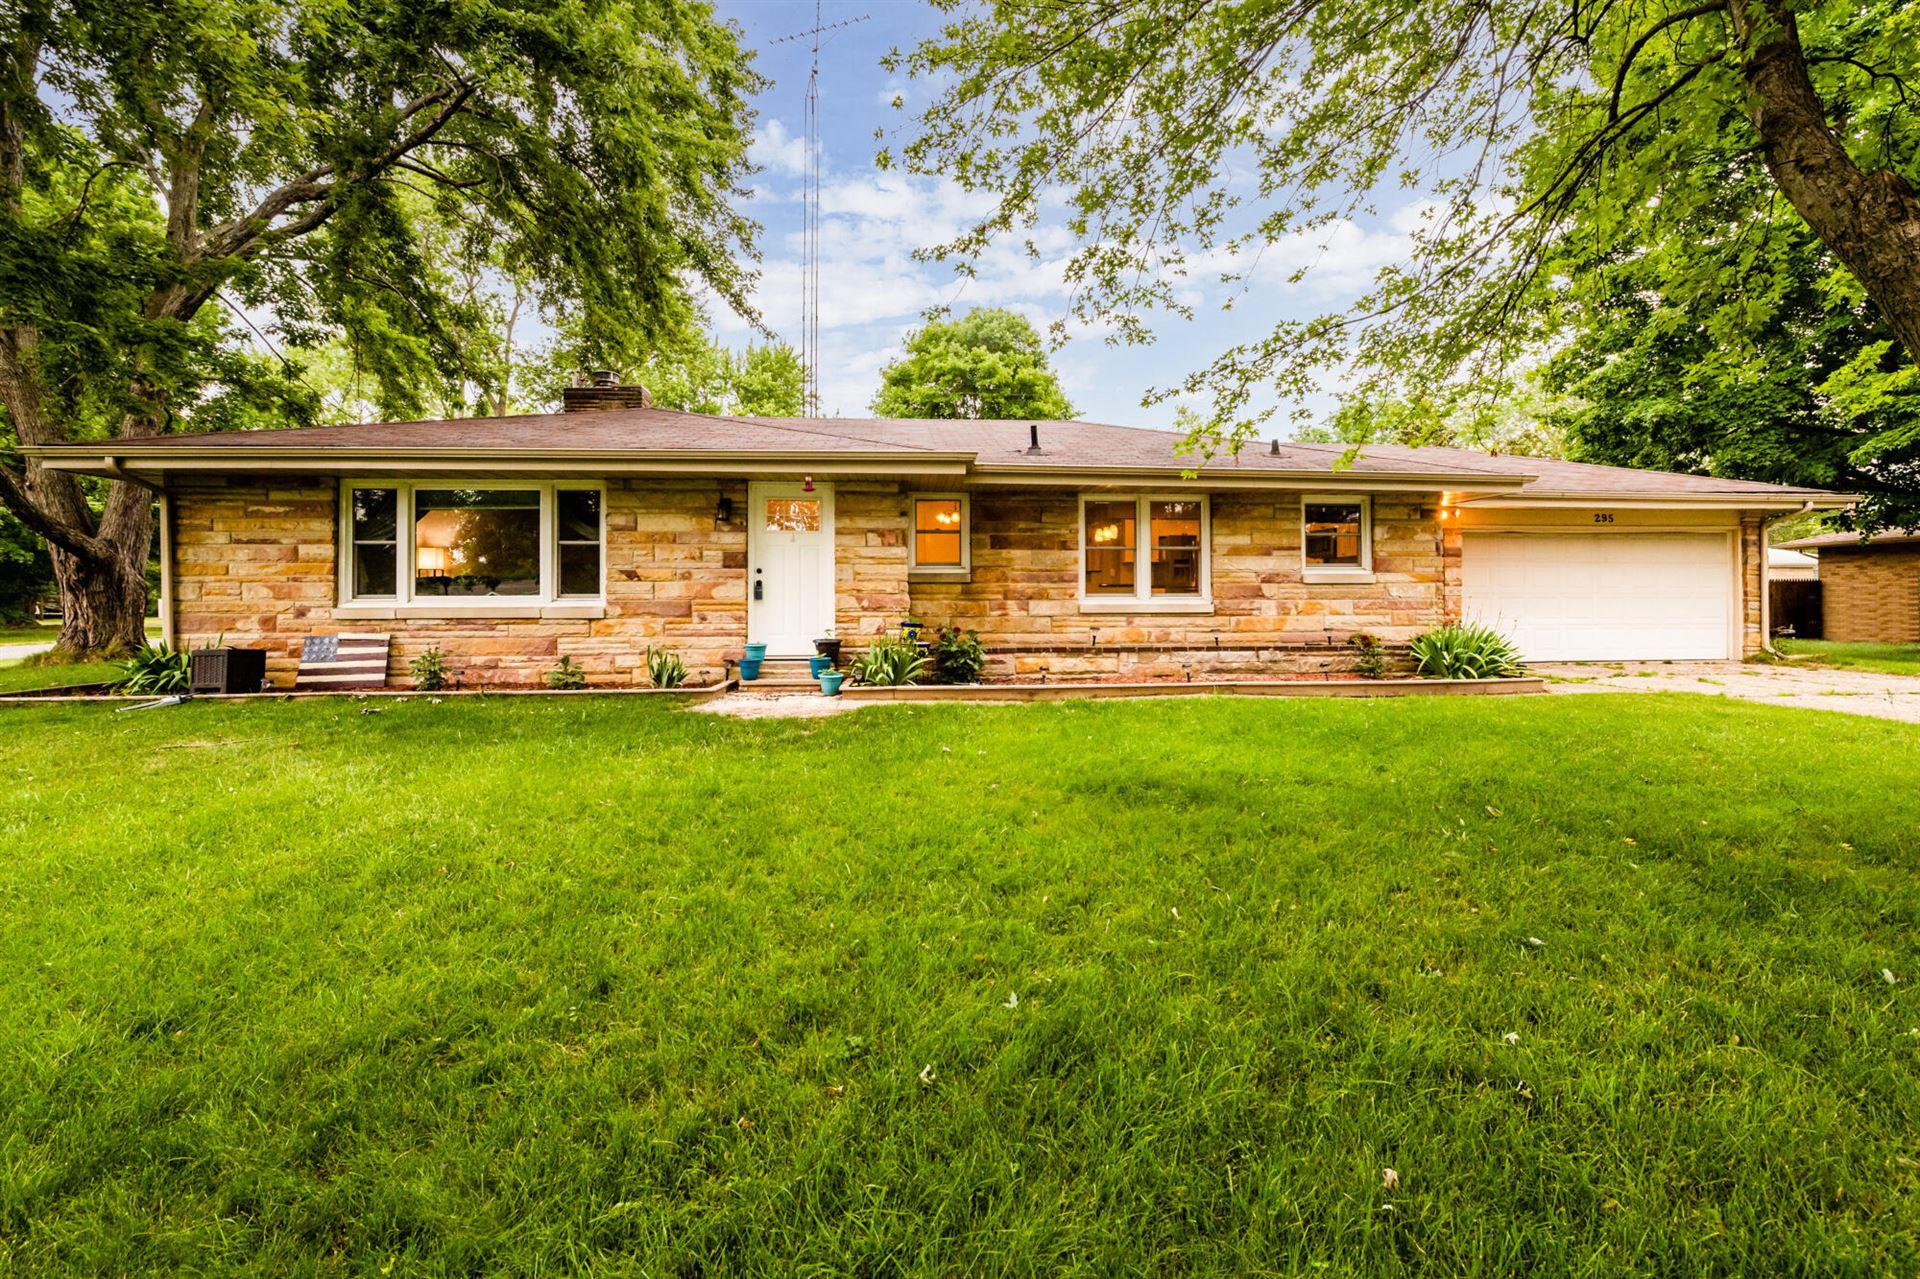 295 Jamesway, Benton Harbor, MI 49022 - MLS#: 21024656